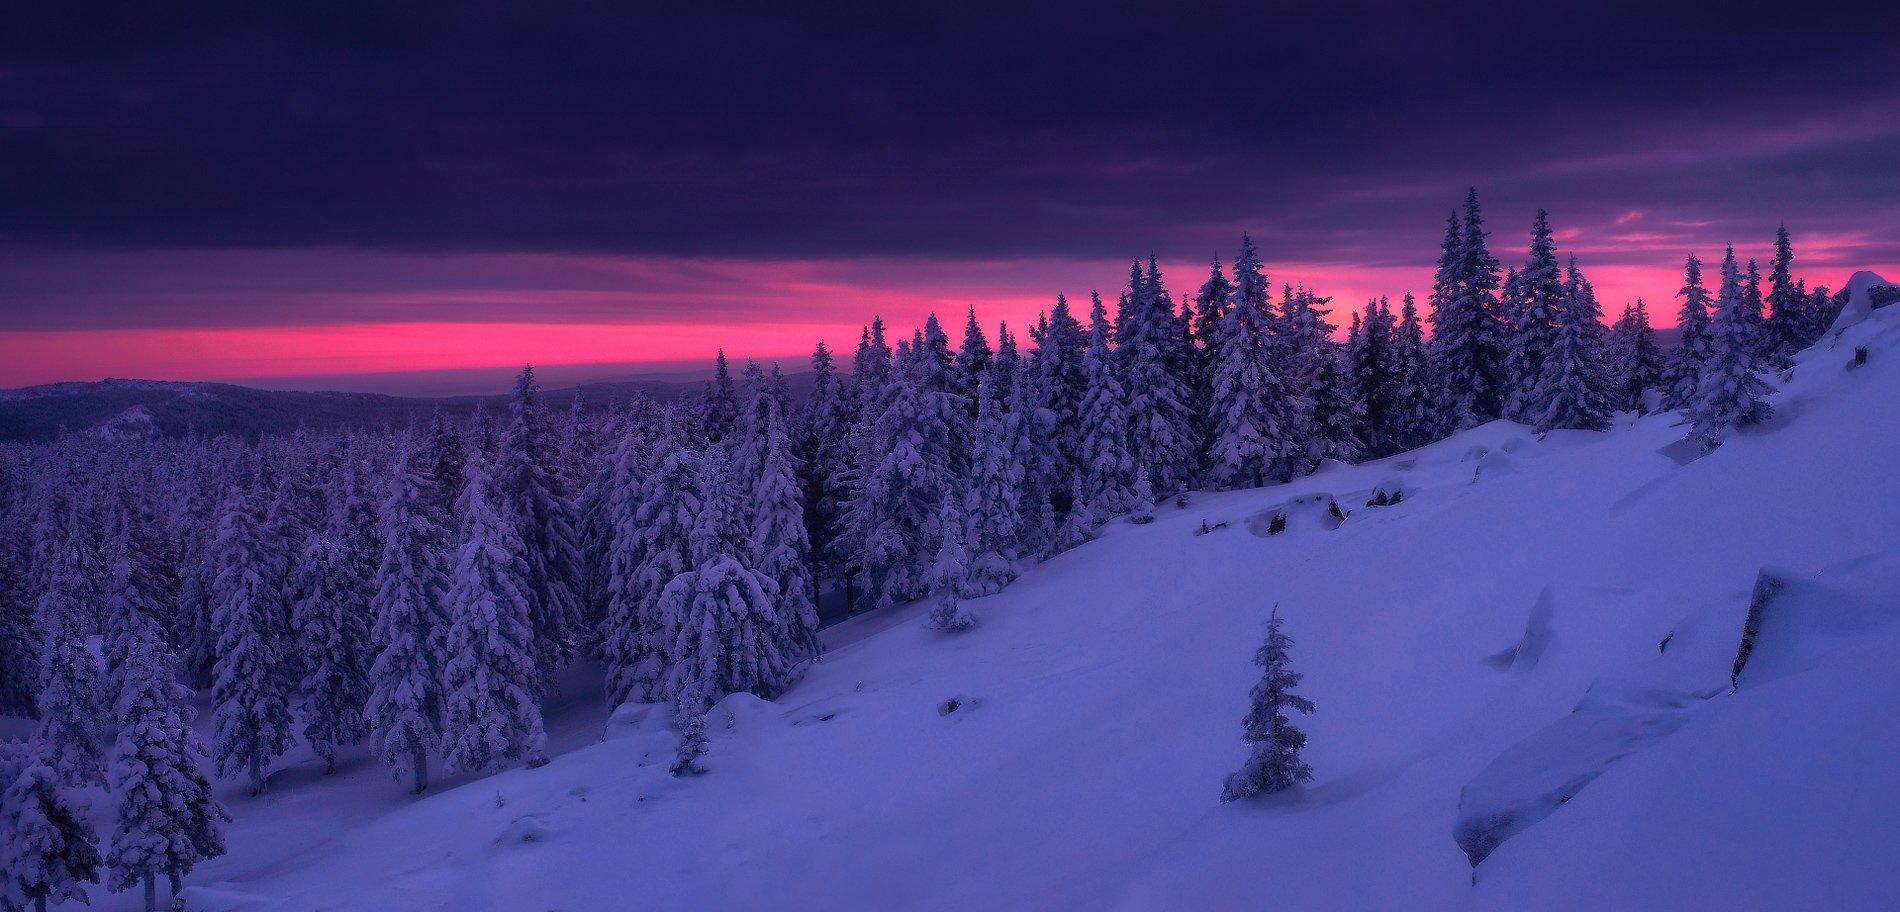 урал, таганай, зима, горы, Владимир Ляпин